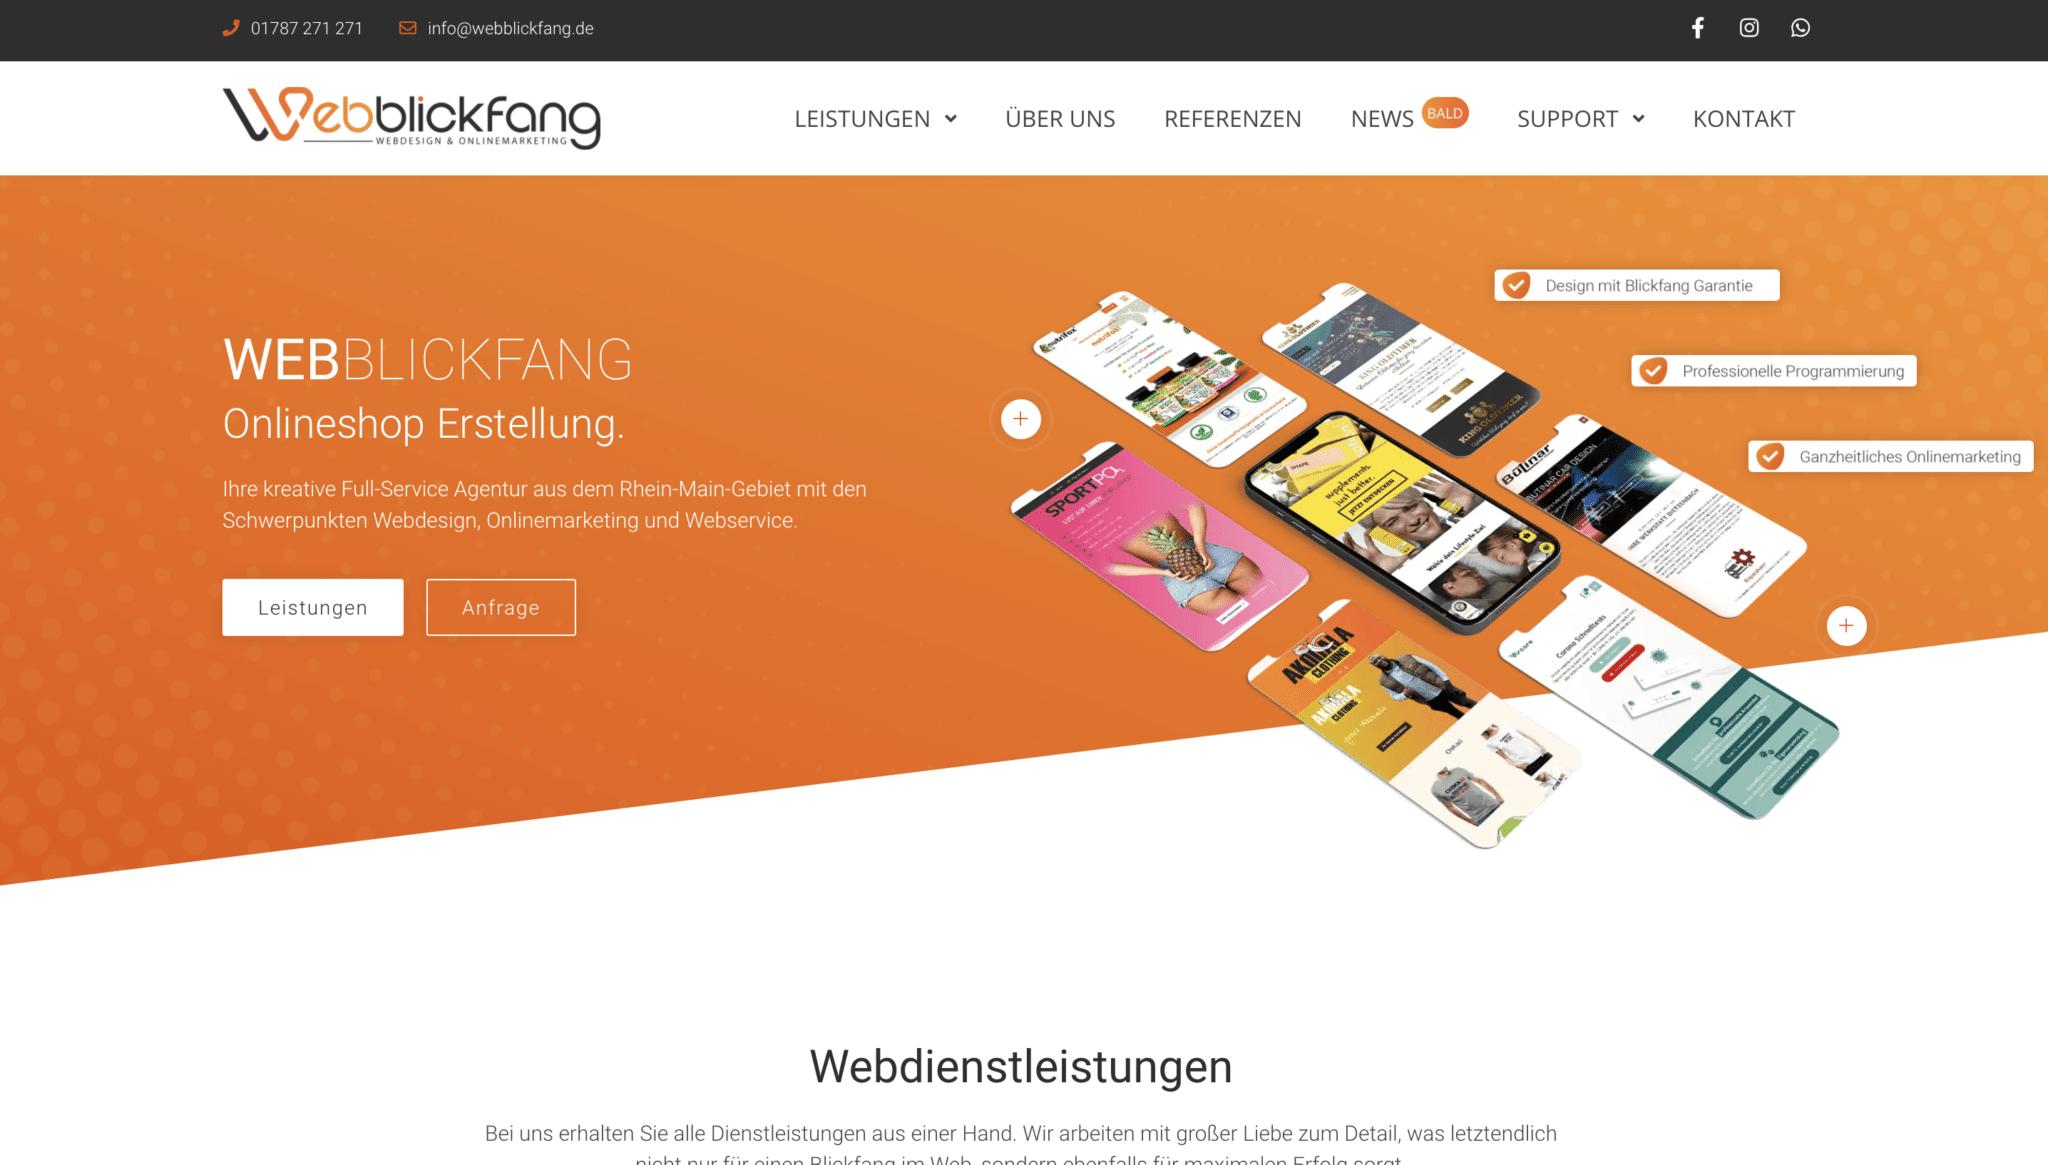 Webblickfang